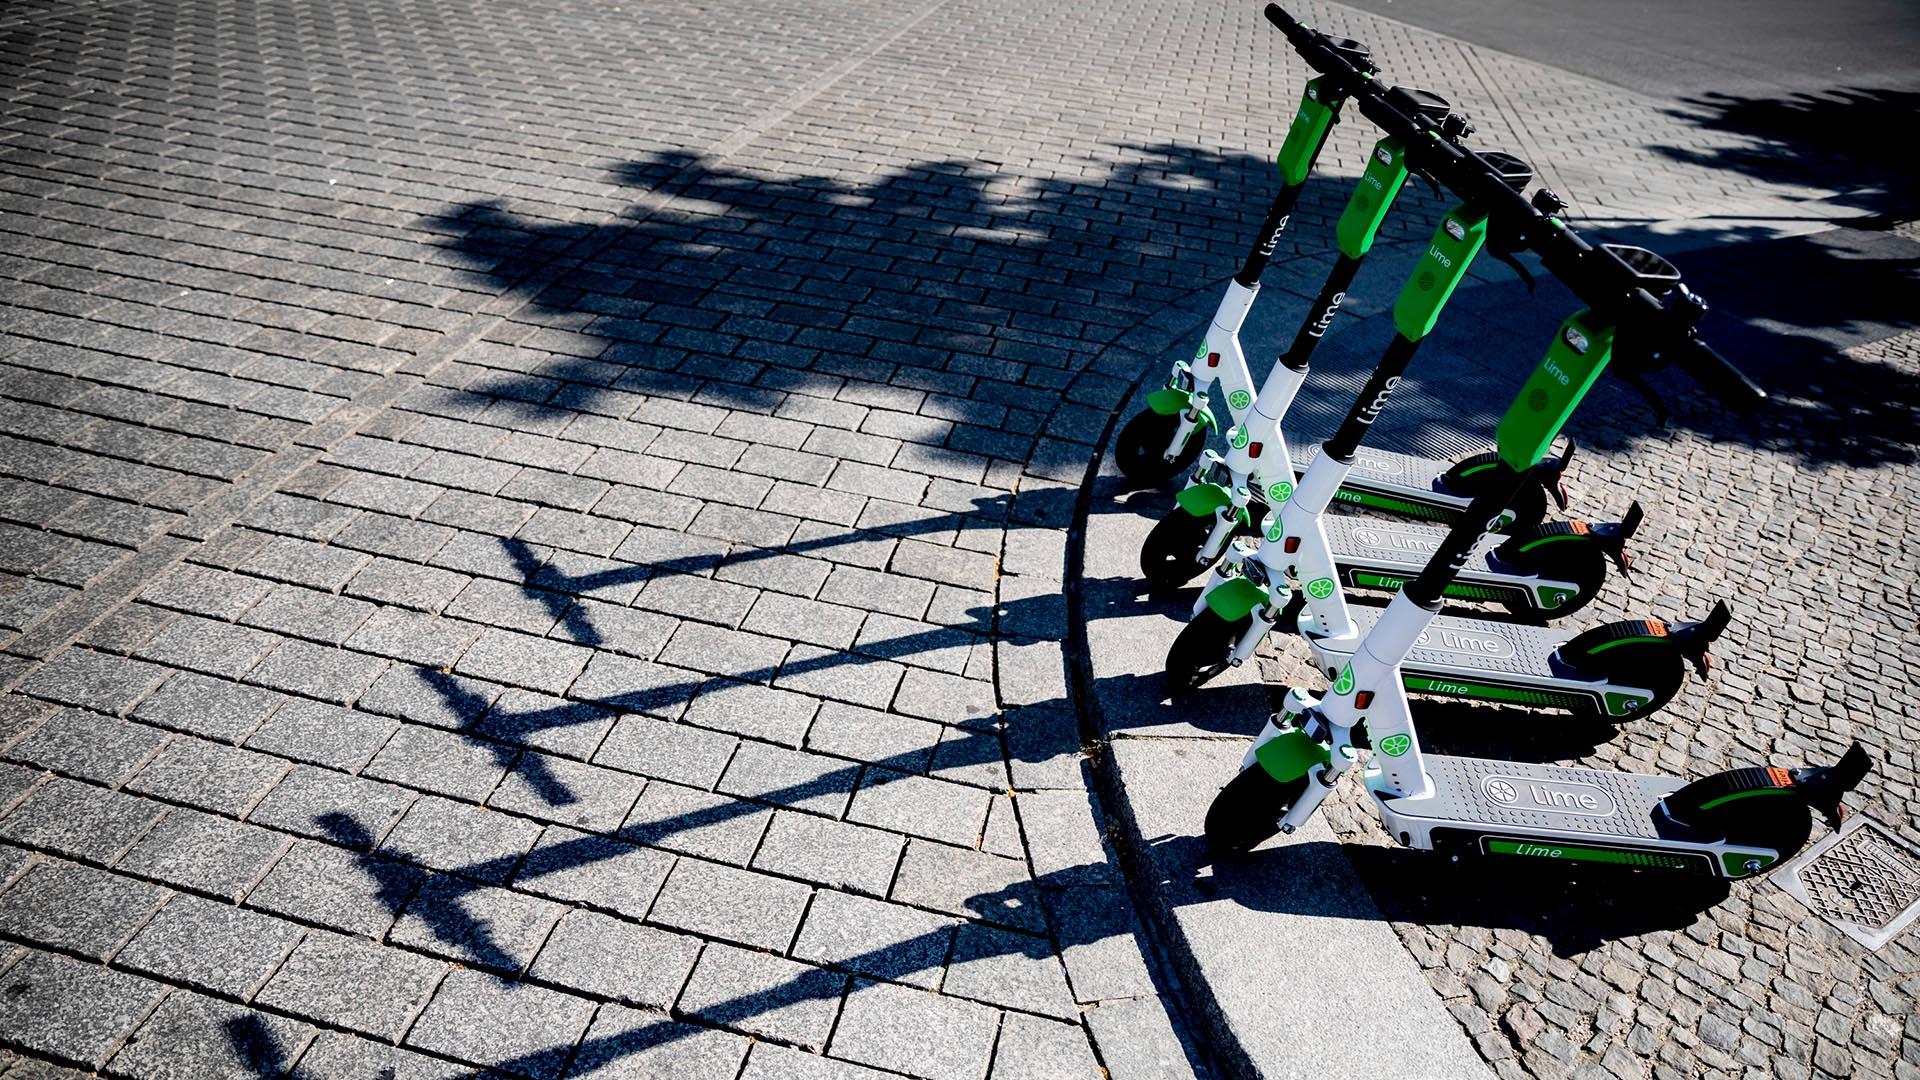 Vier grün-weiße E-Roller auf Kopfsteinpflaster